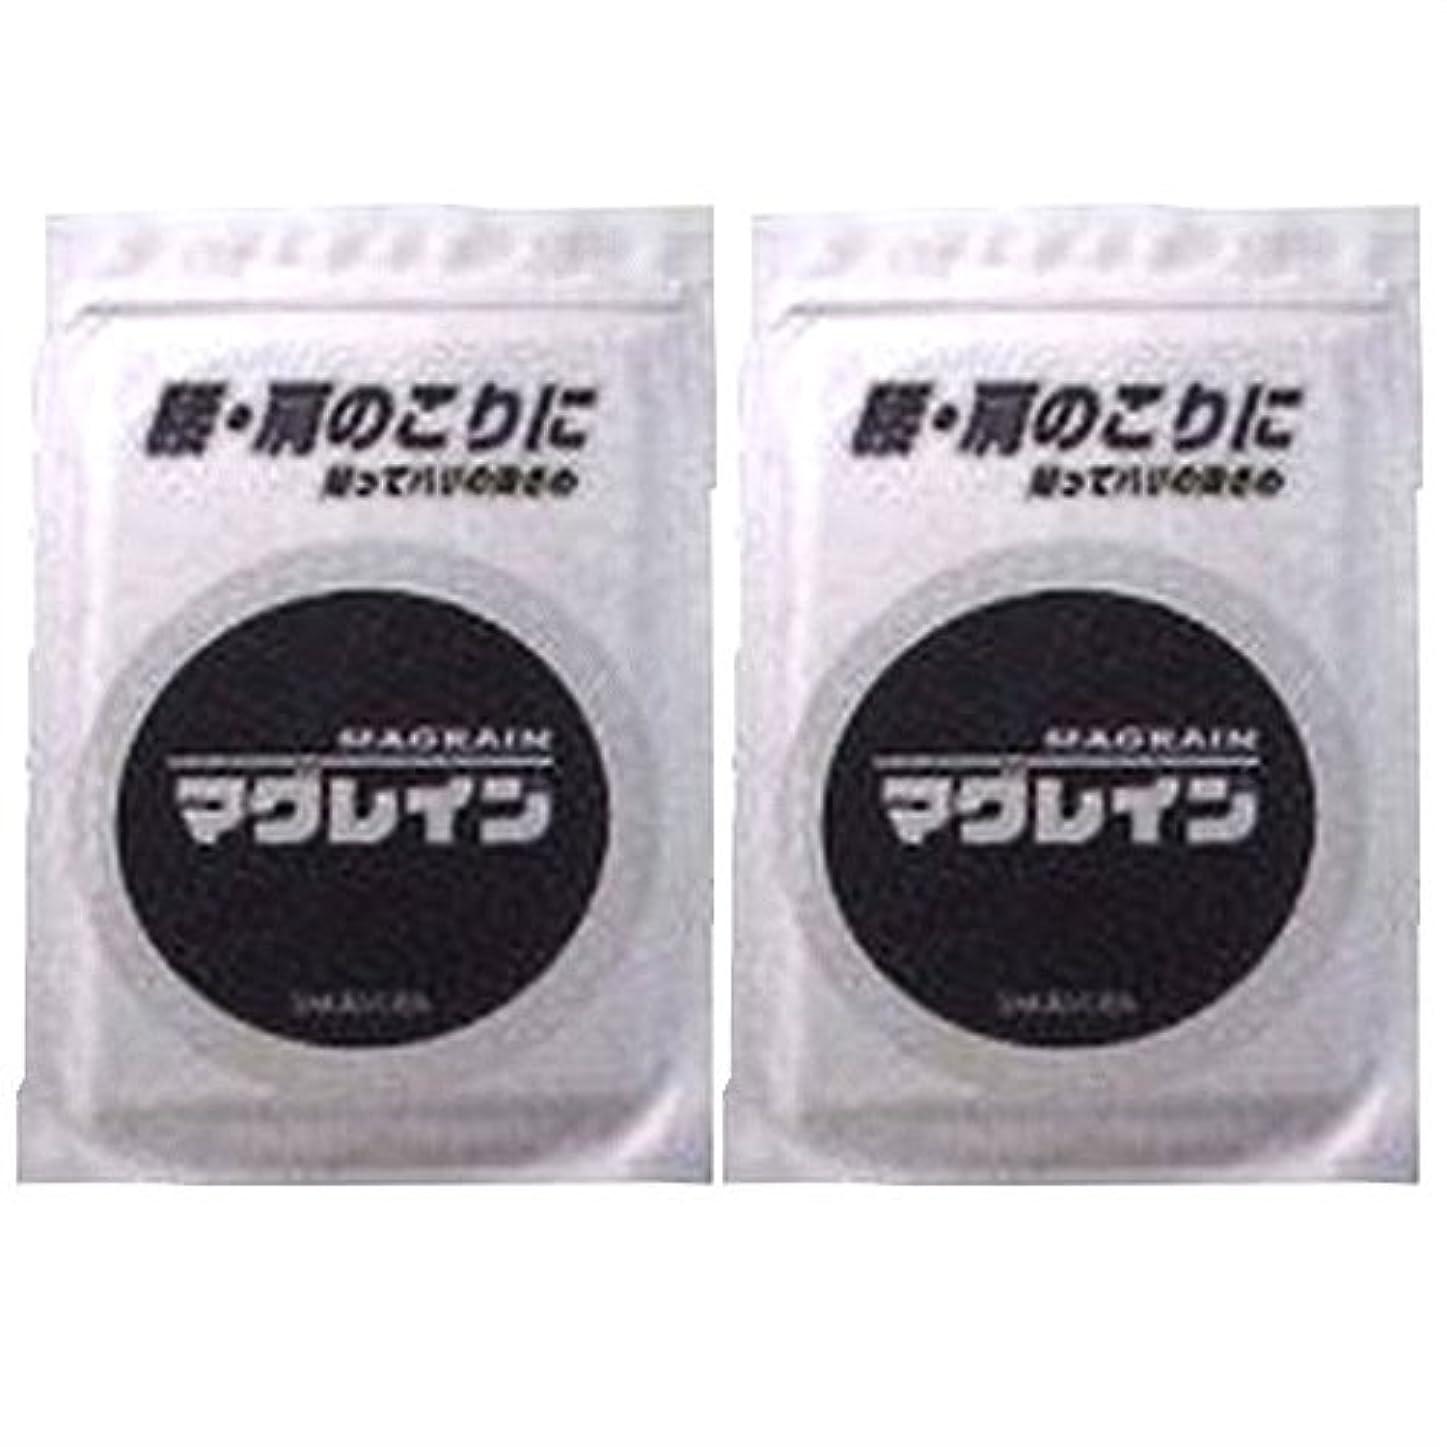 高く事有名マグレイン チタン 200粒入 肌色テープ(I) ×2個 セット